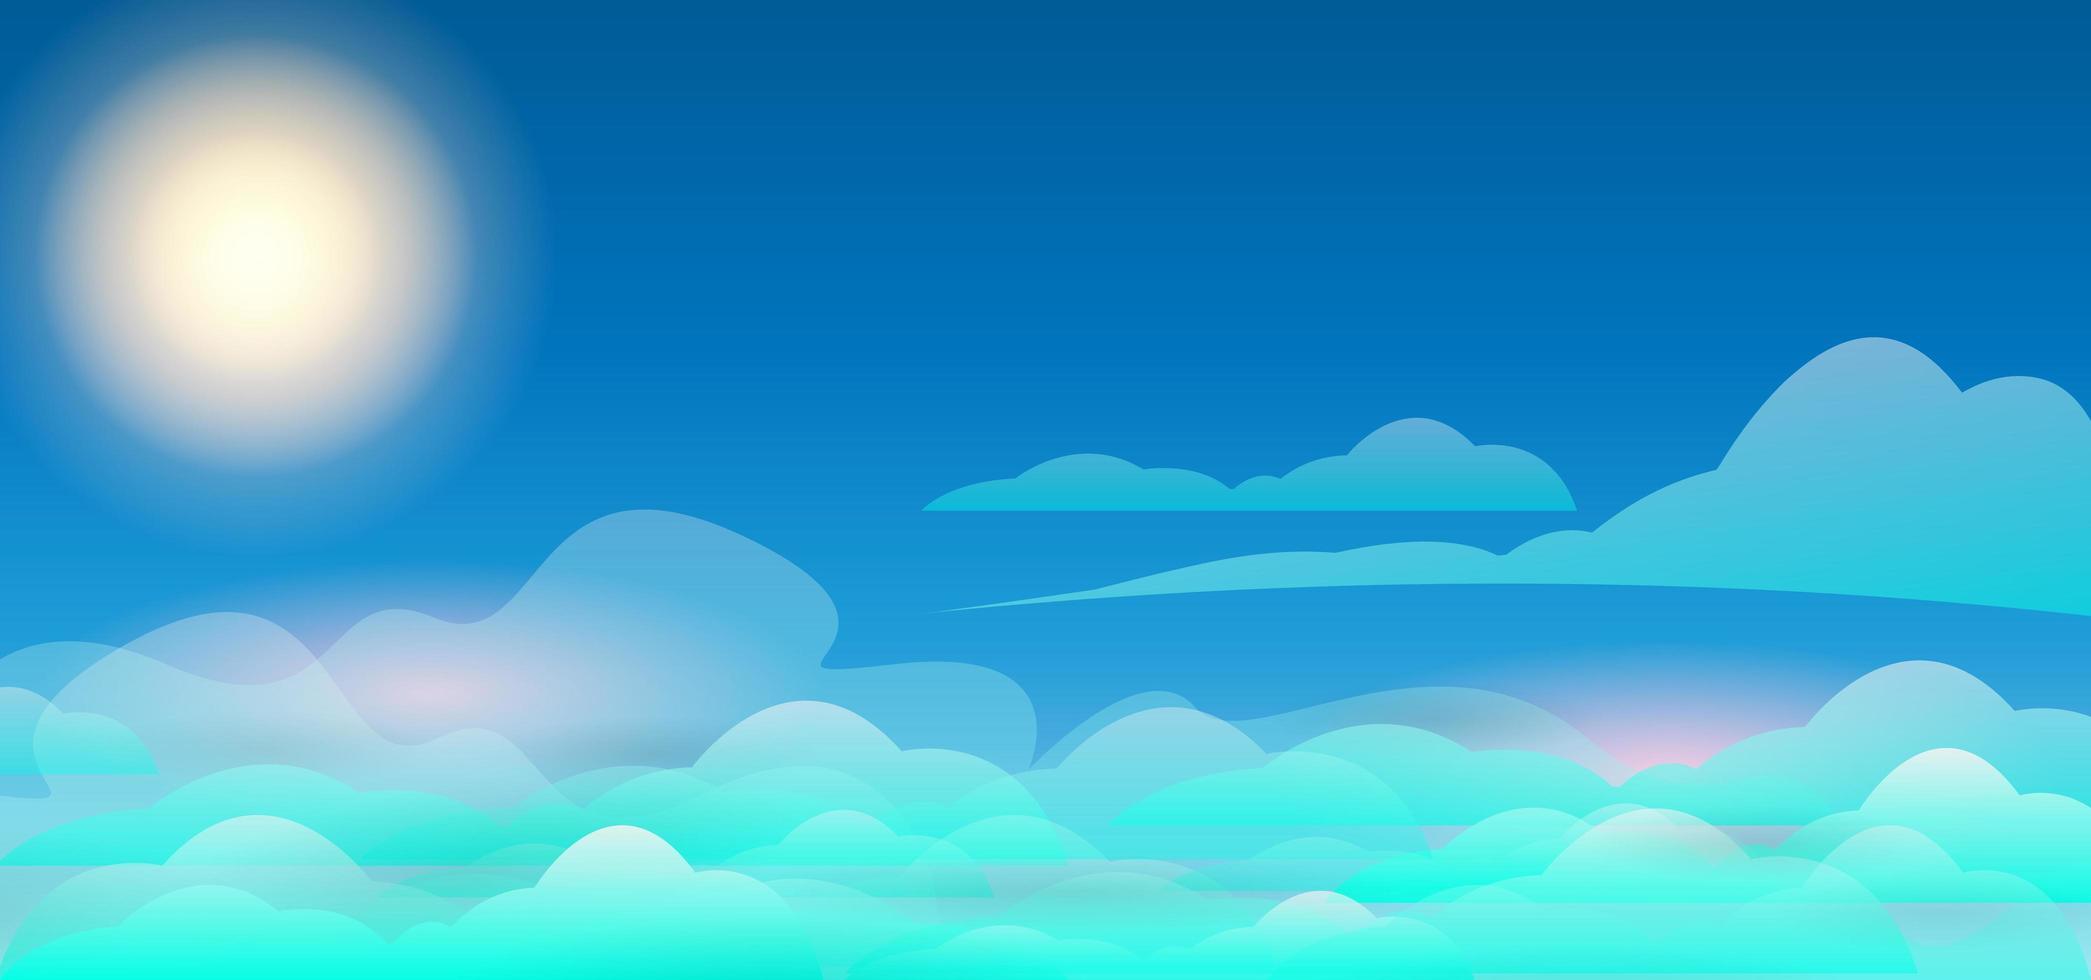 modello del fondo di progettazione del cielo delle nuvole blu vettore